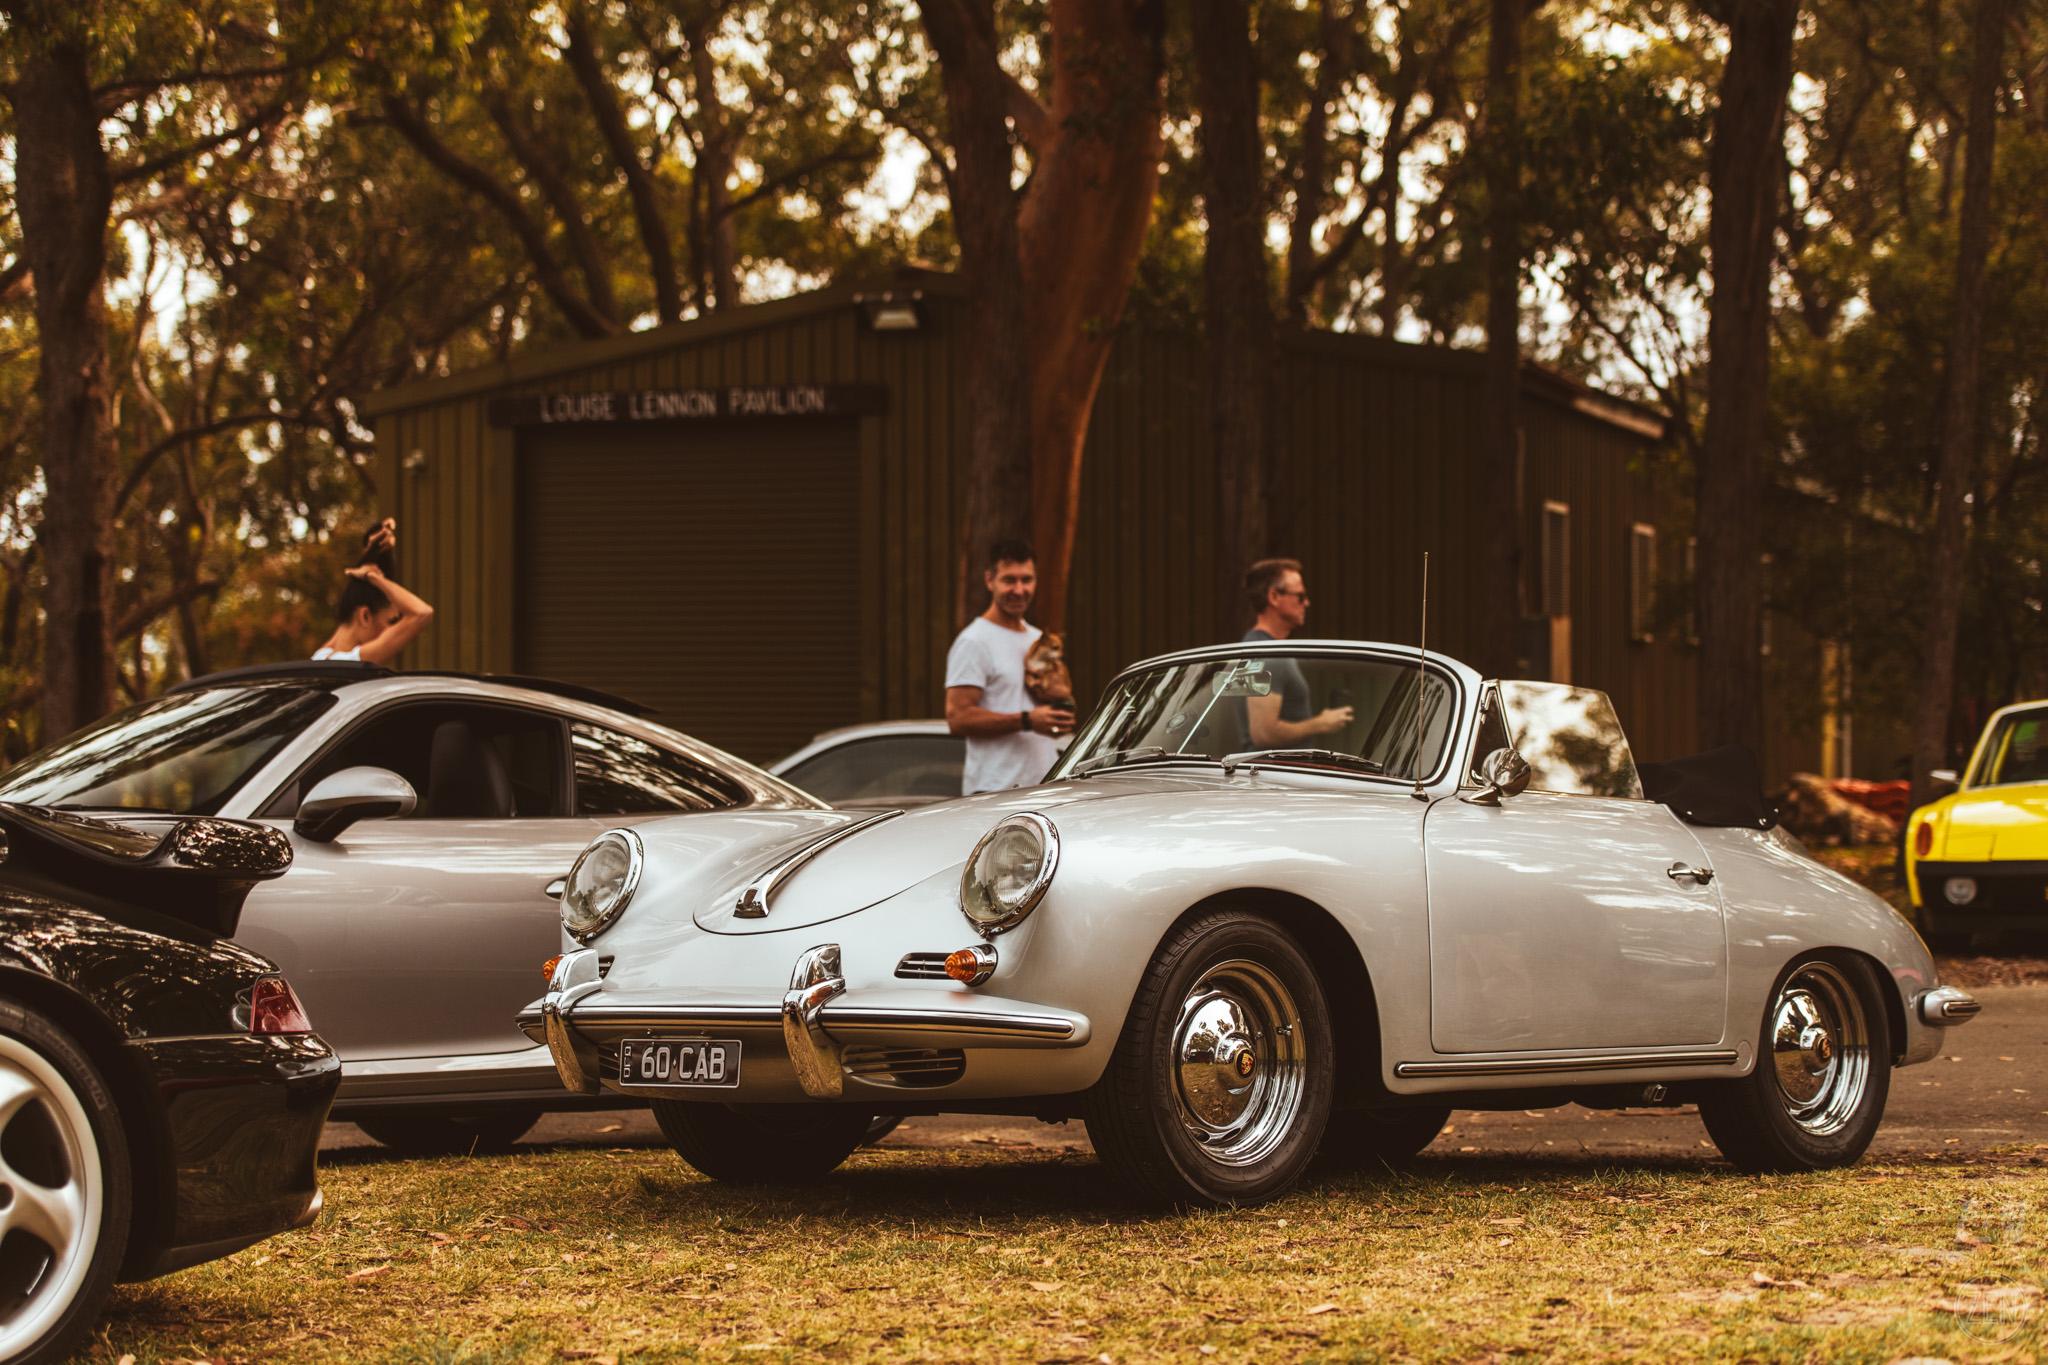 2019-12-08 - Porsches & Coffee 094